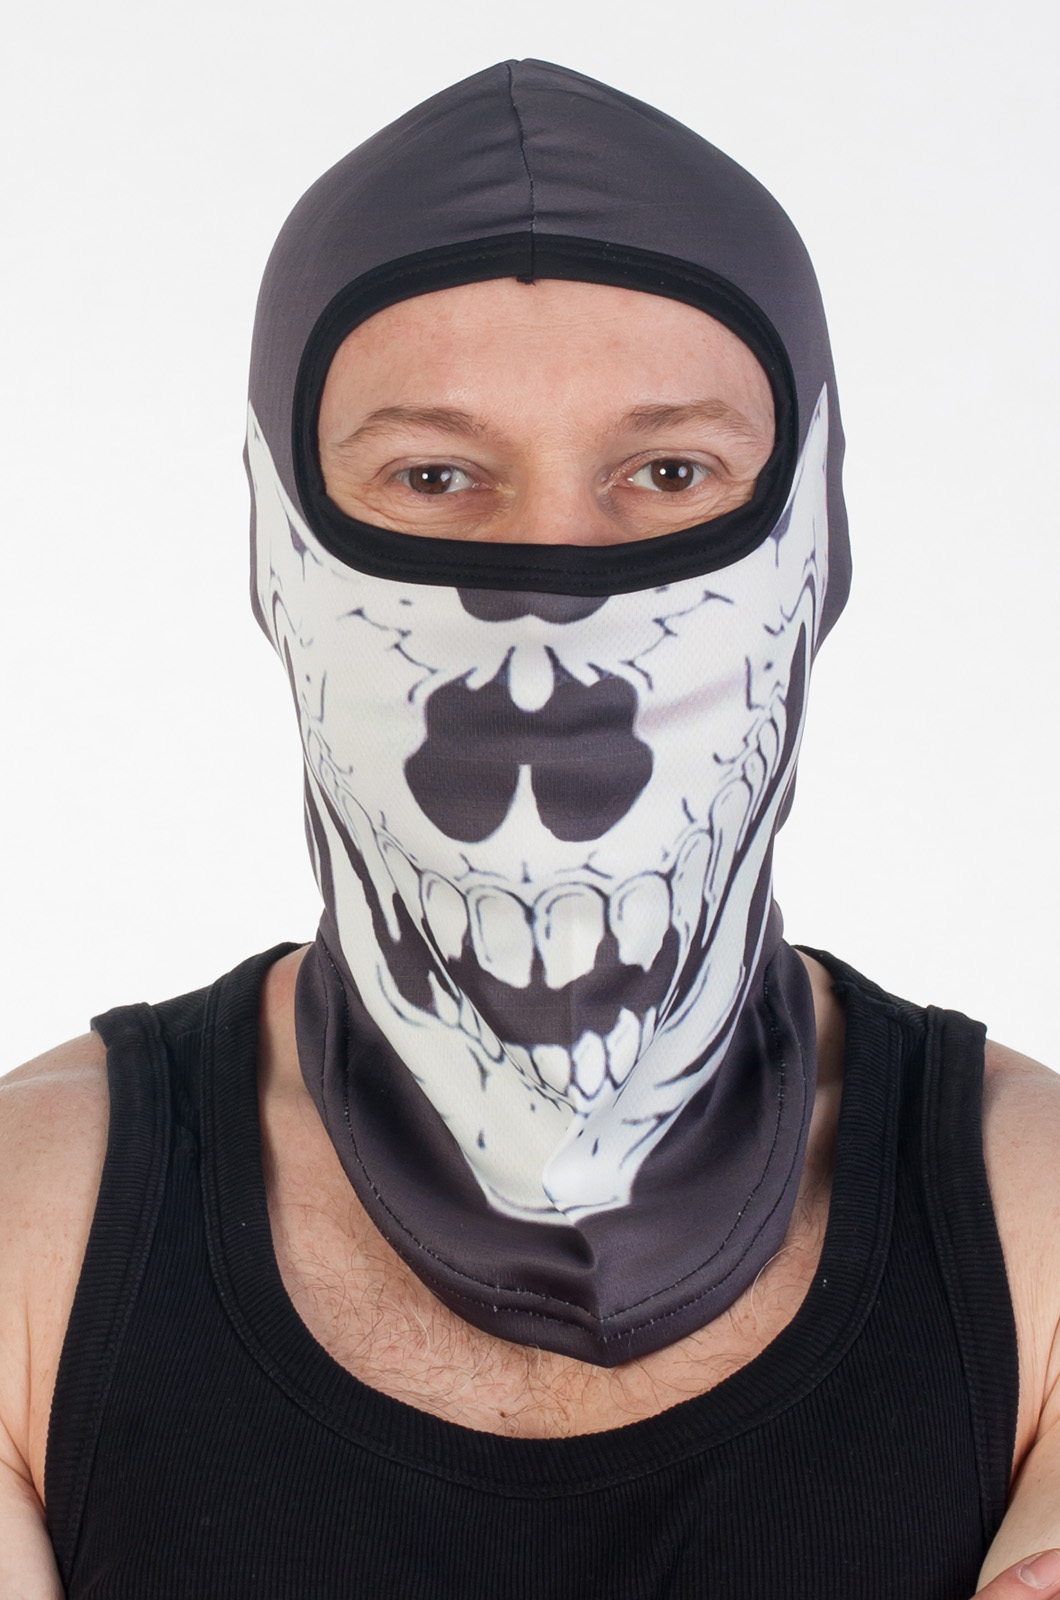 Купить маску Череп (балаклава) в интернет-магазине Военпро